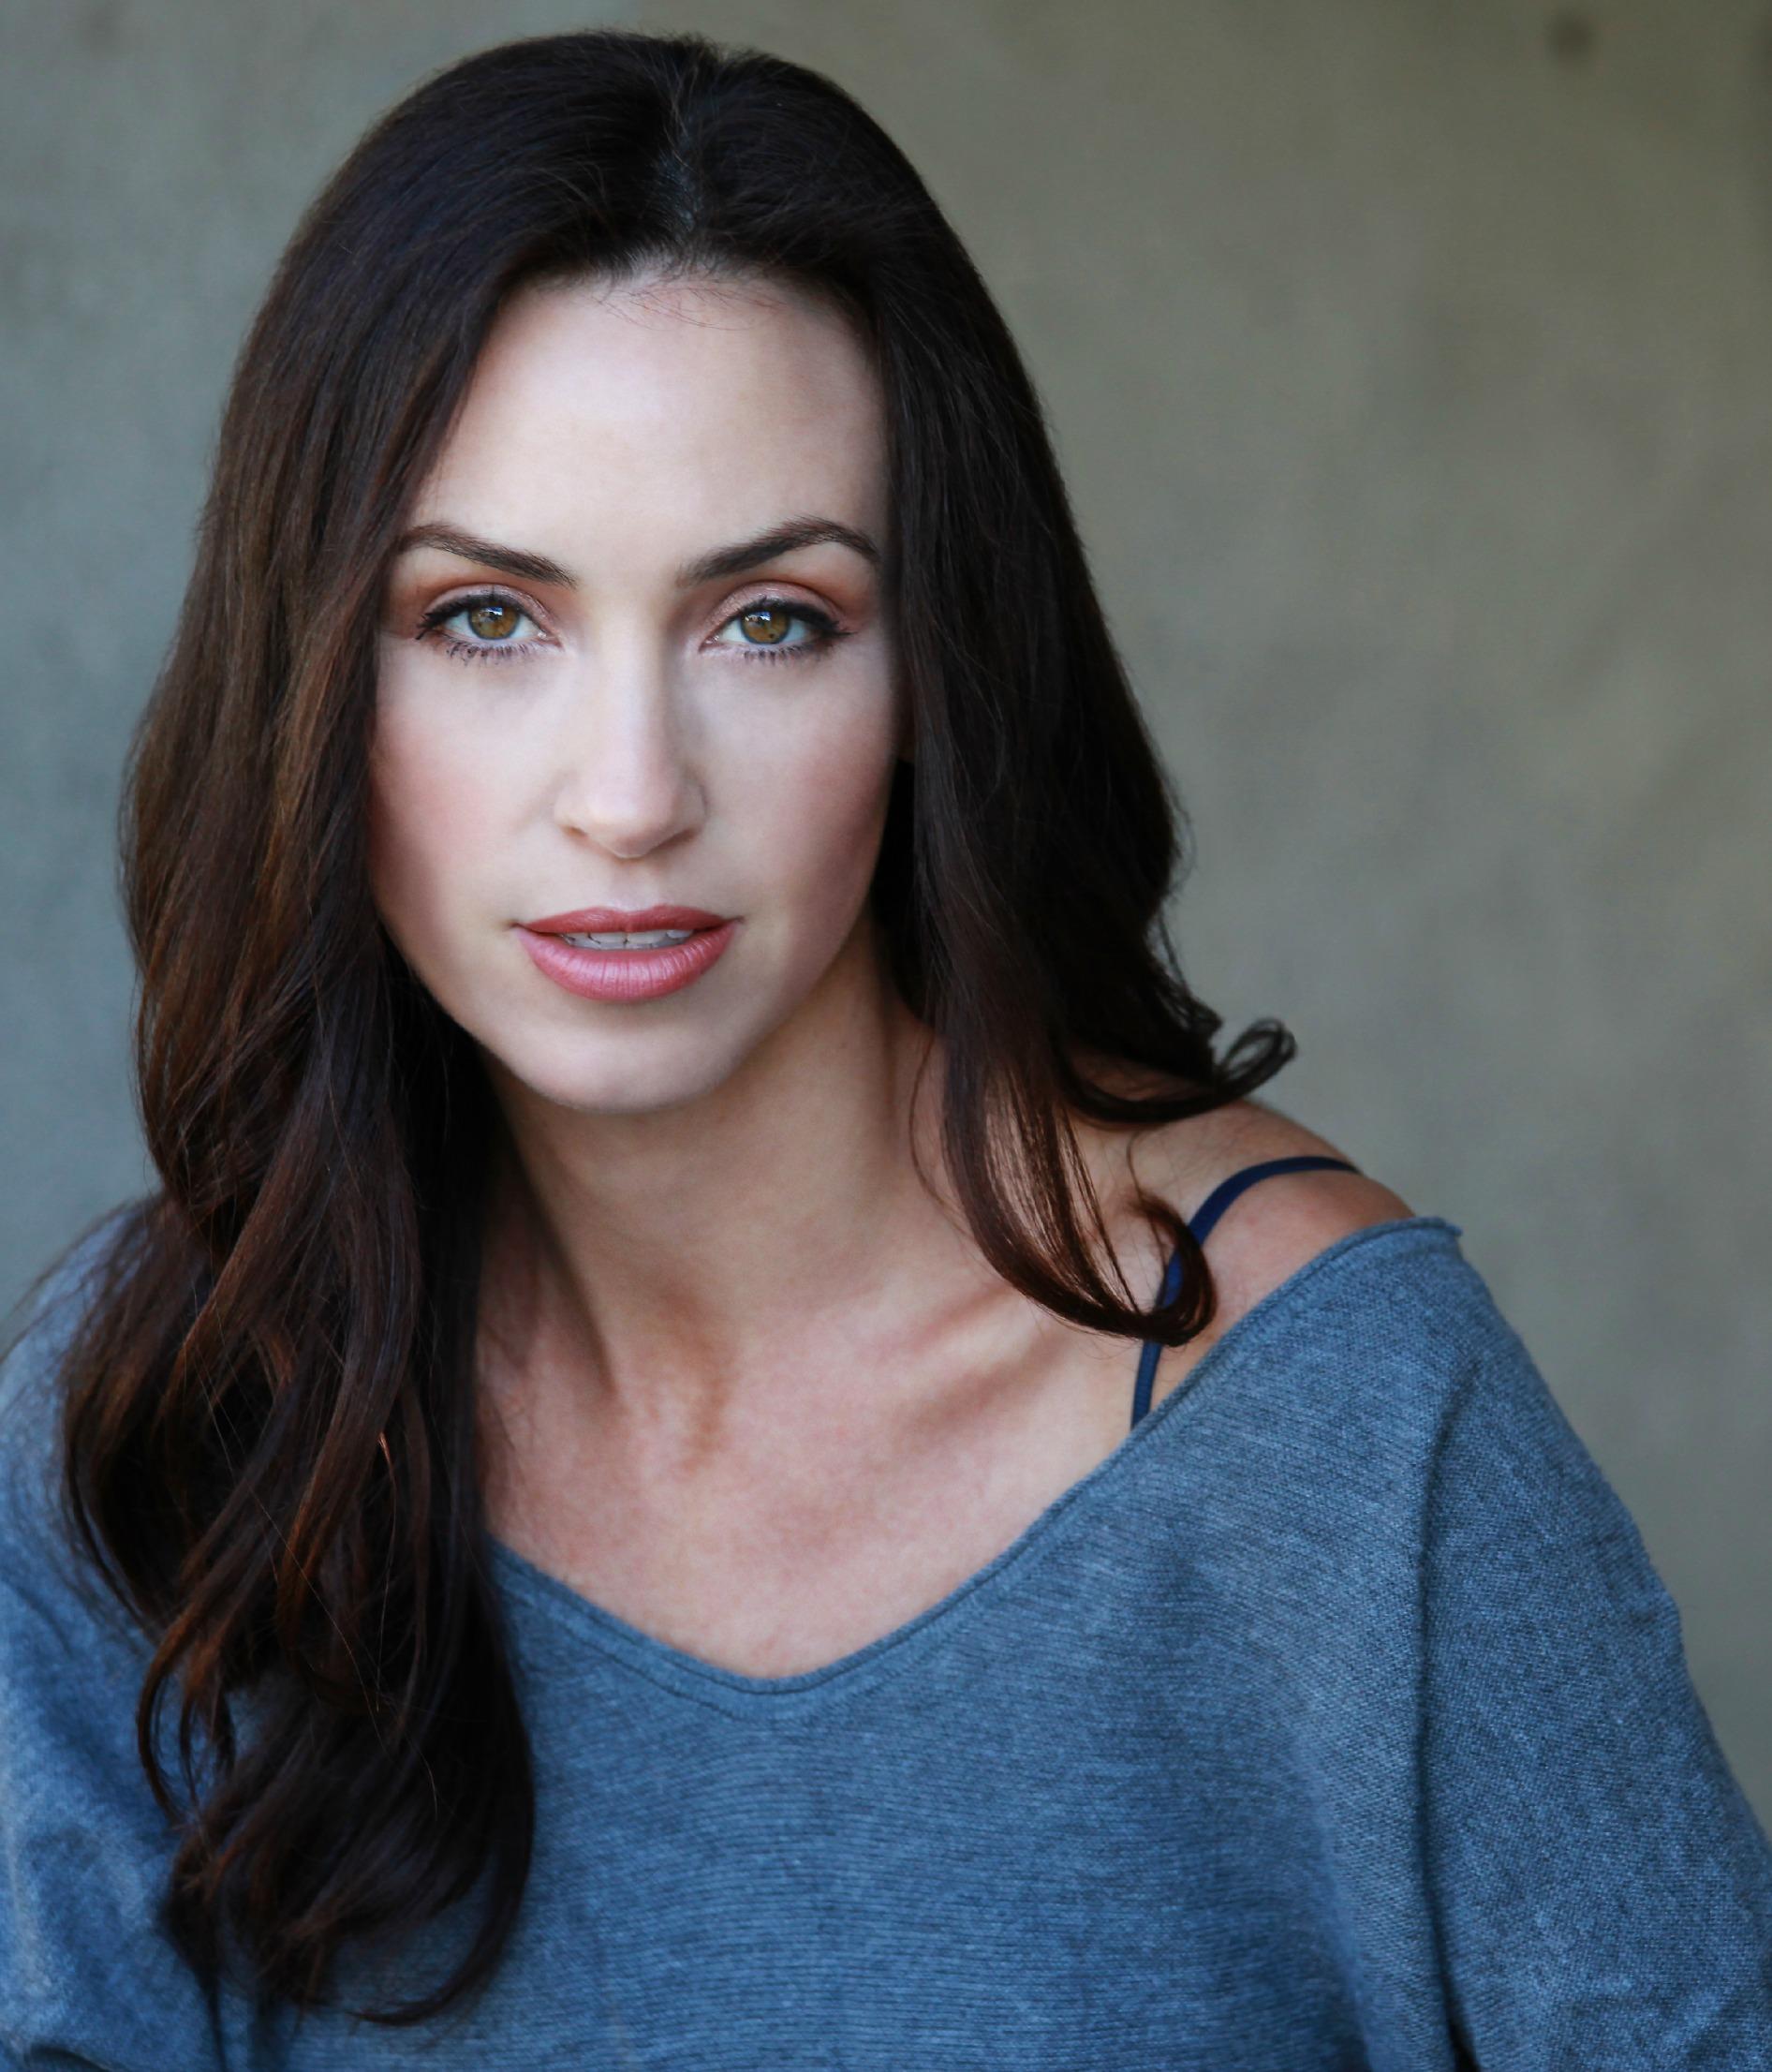 Rachel Barrer as Jasmine